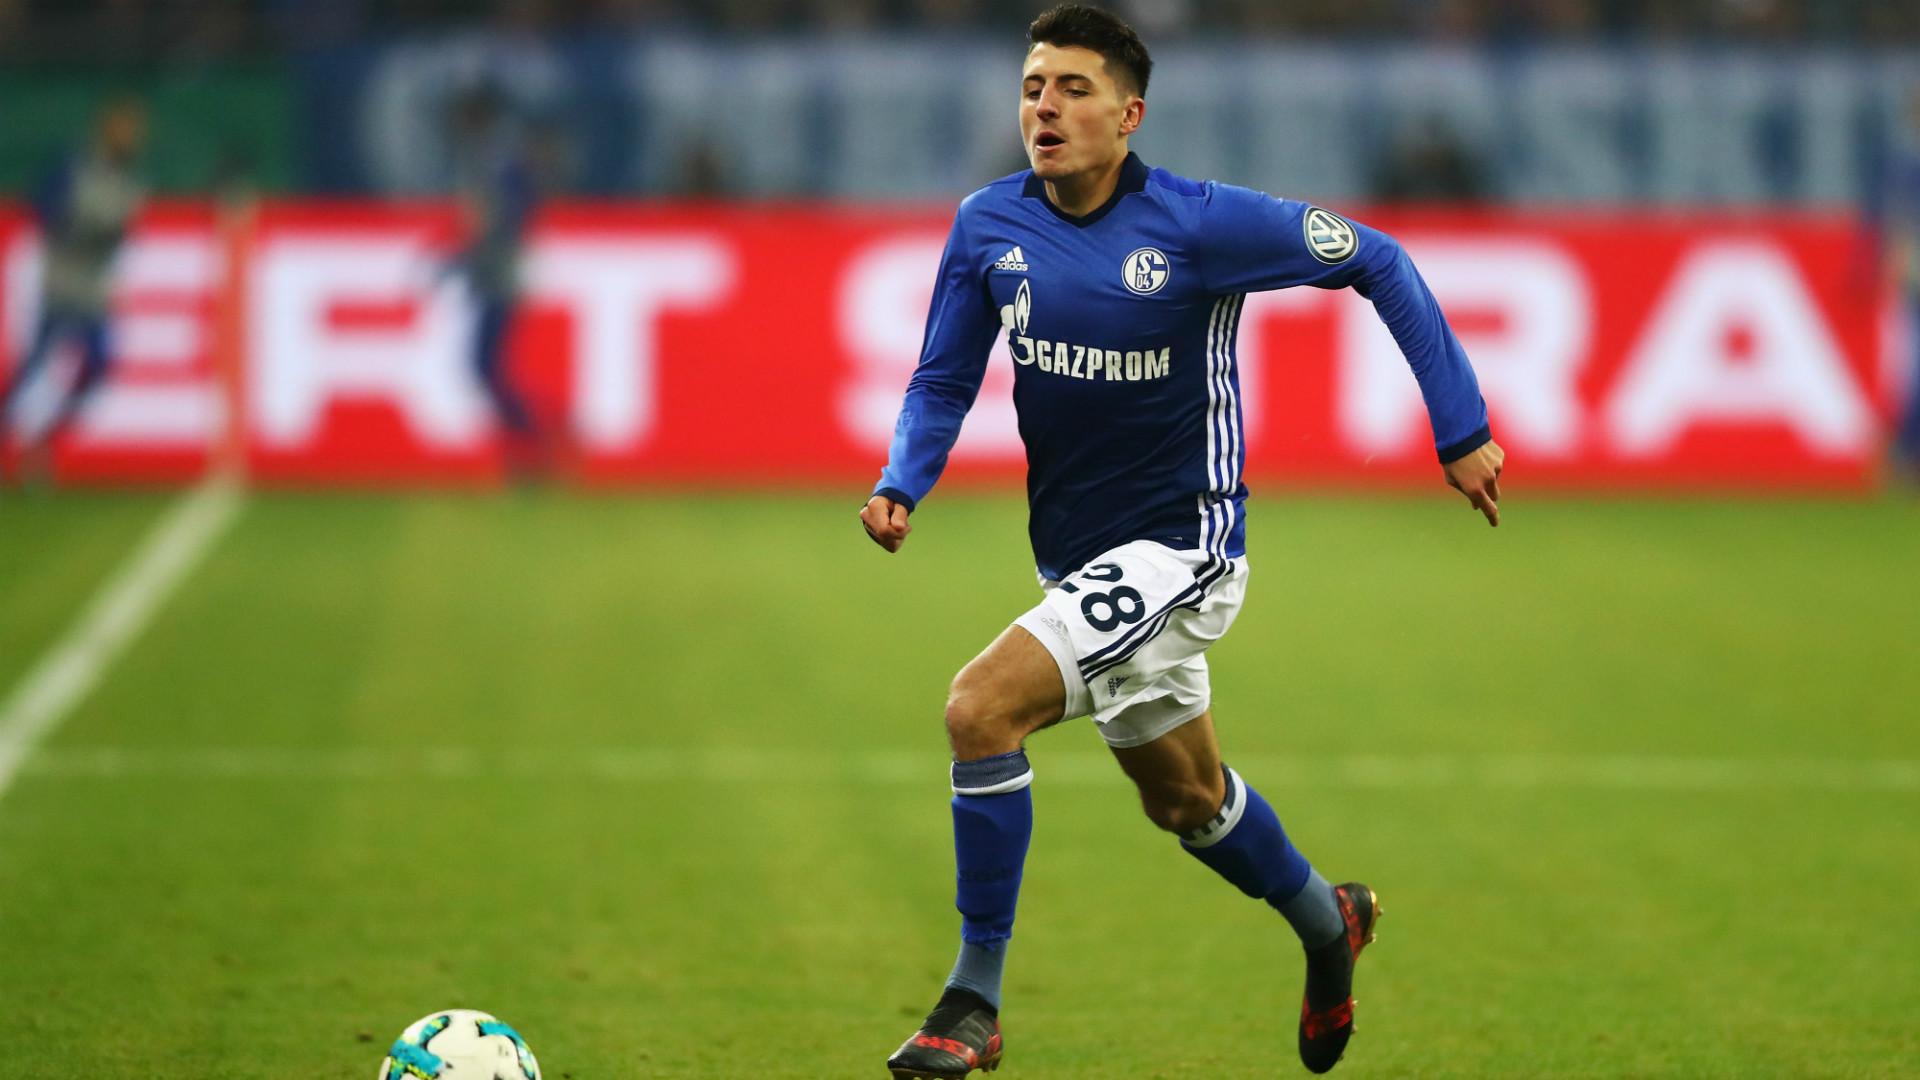 ÖFB-Teamspieler Schöpf verlängert bei Schalke